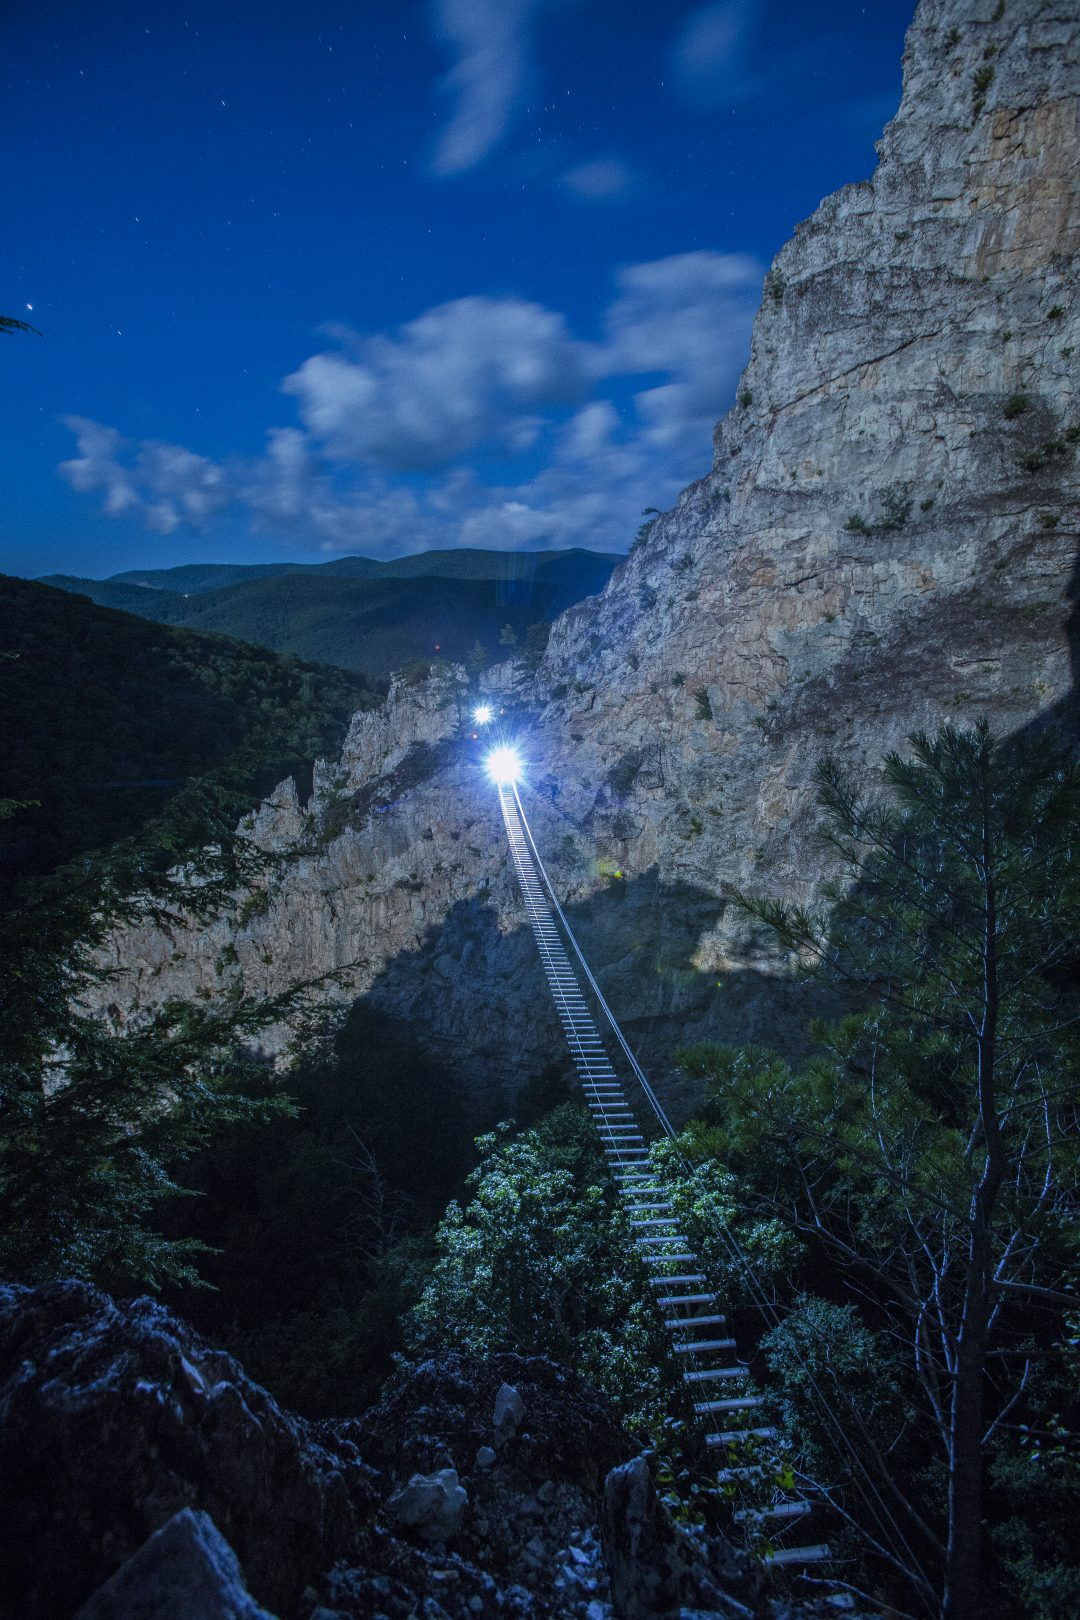 NROCKS Moonlight Via Ferrata